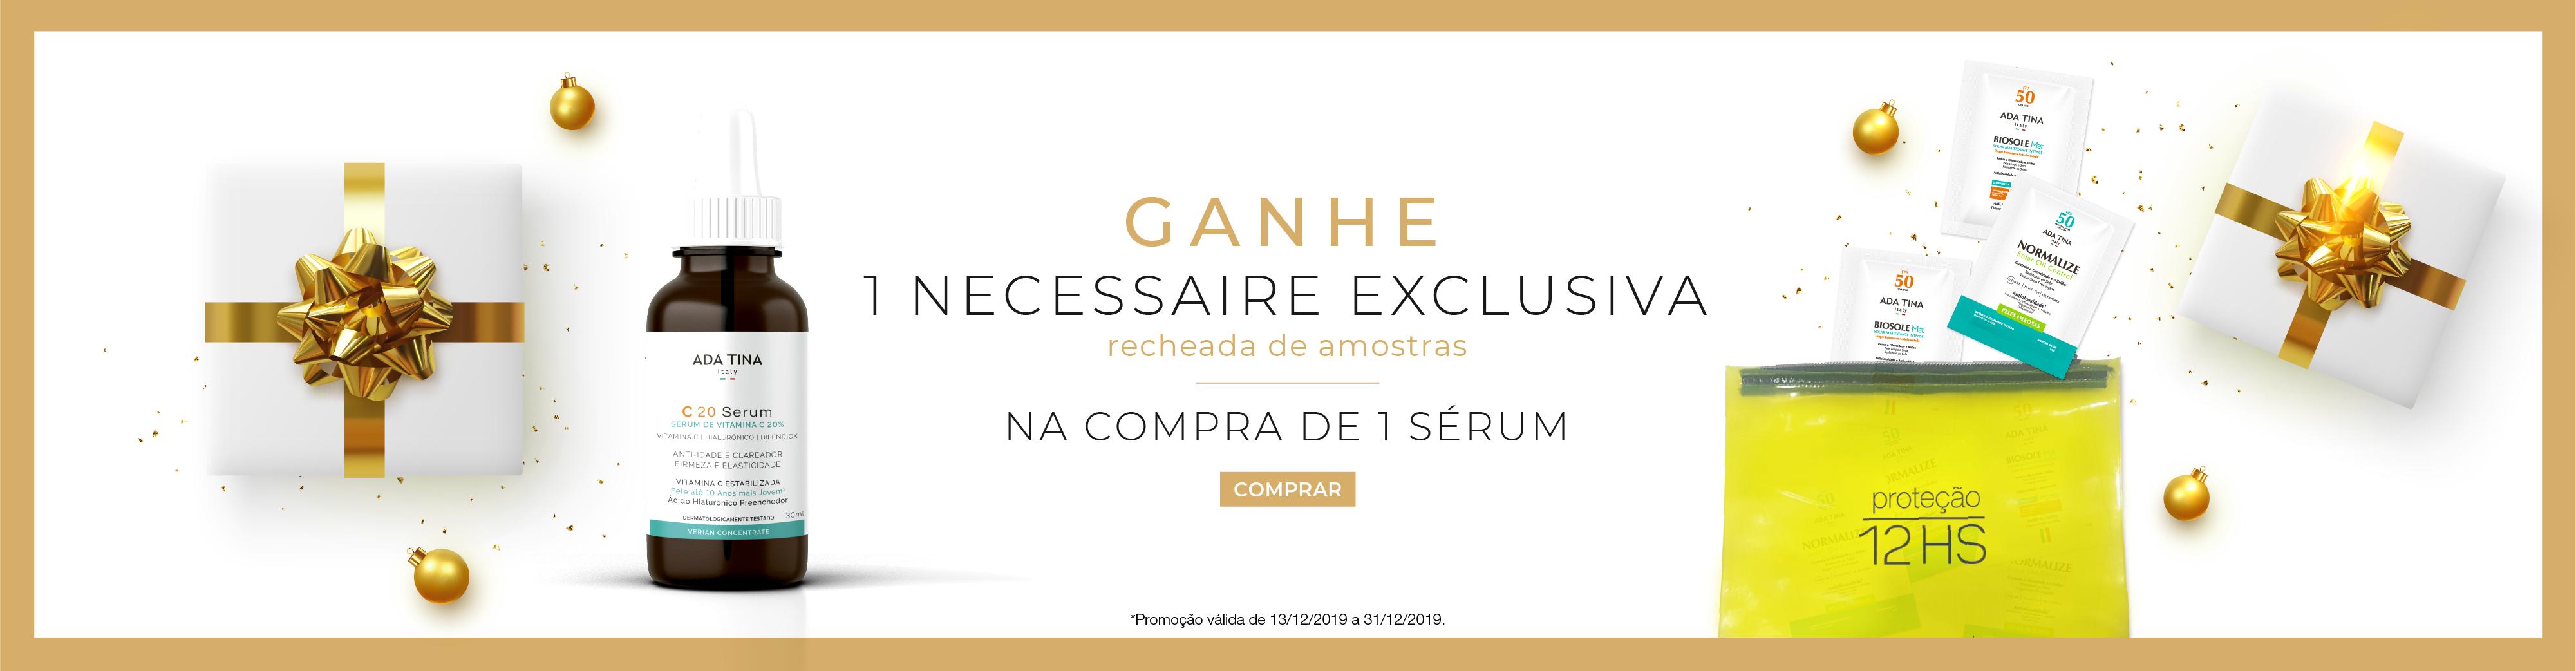 FULL GANHE NECESSAIRE CHEIA DE AMOSTRAS 02